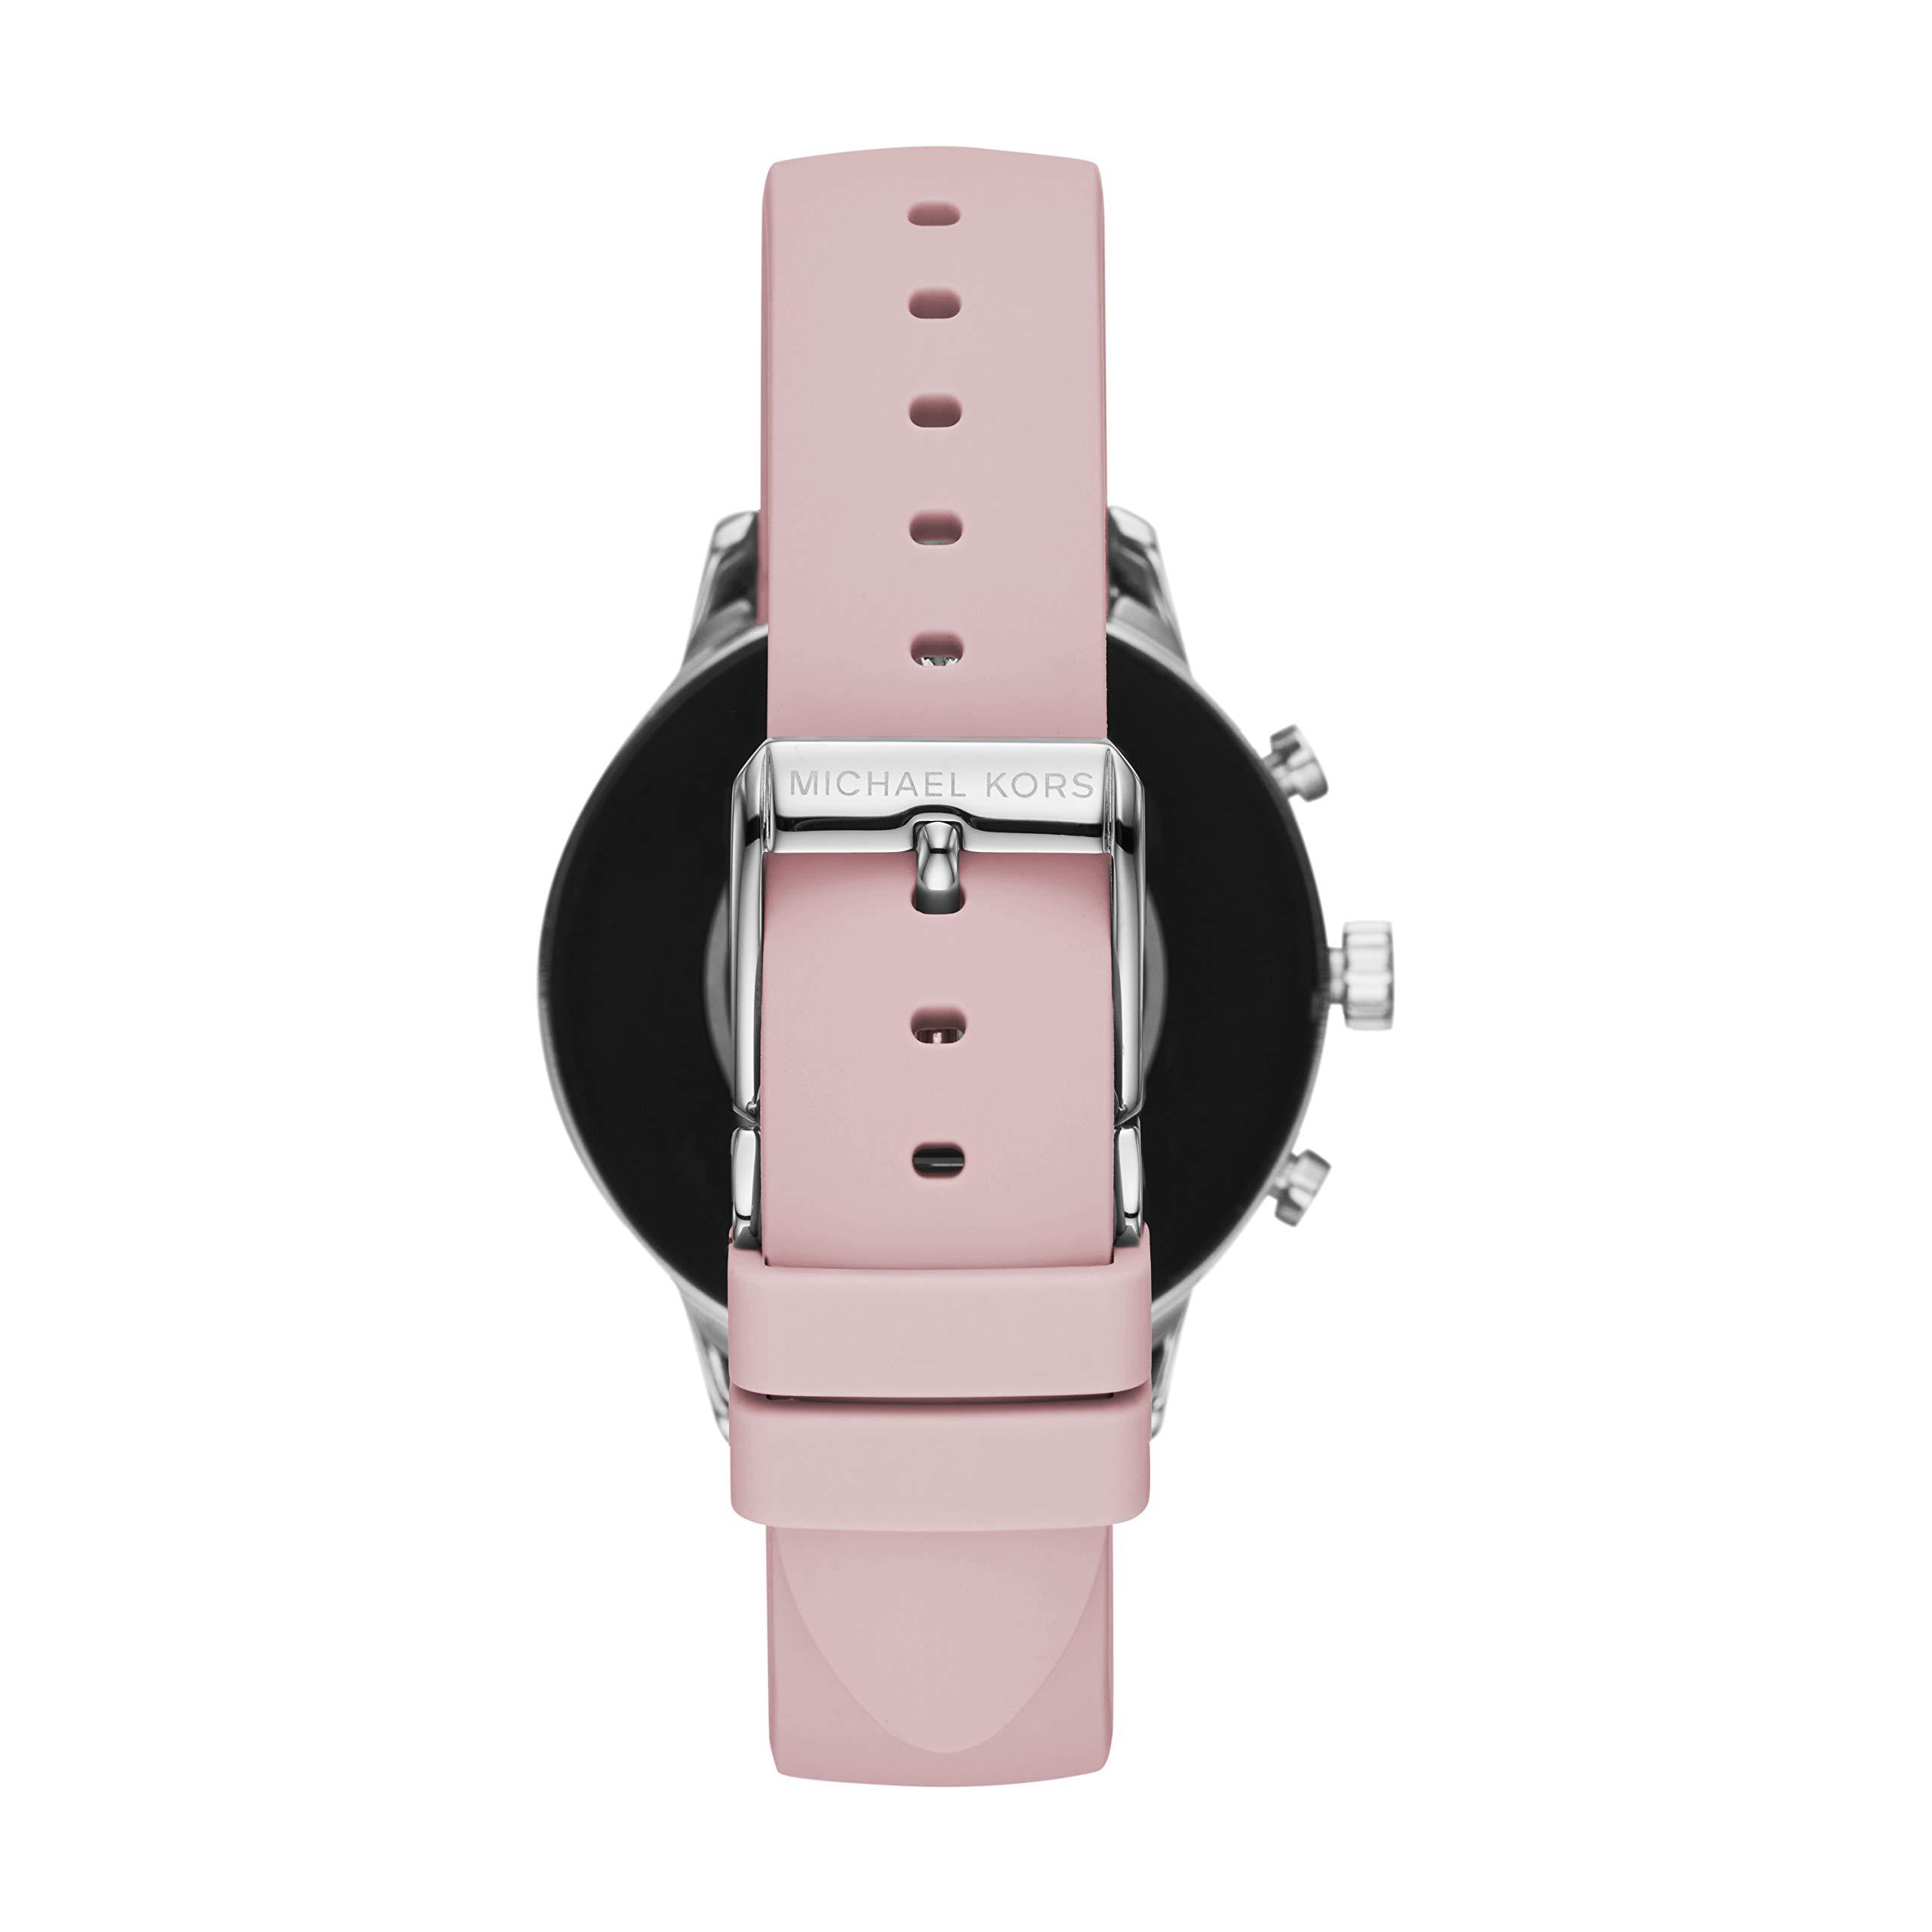 Michael Kors Reloj Mujer de Digital con Correa en Silicona